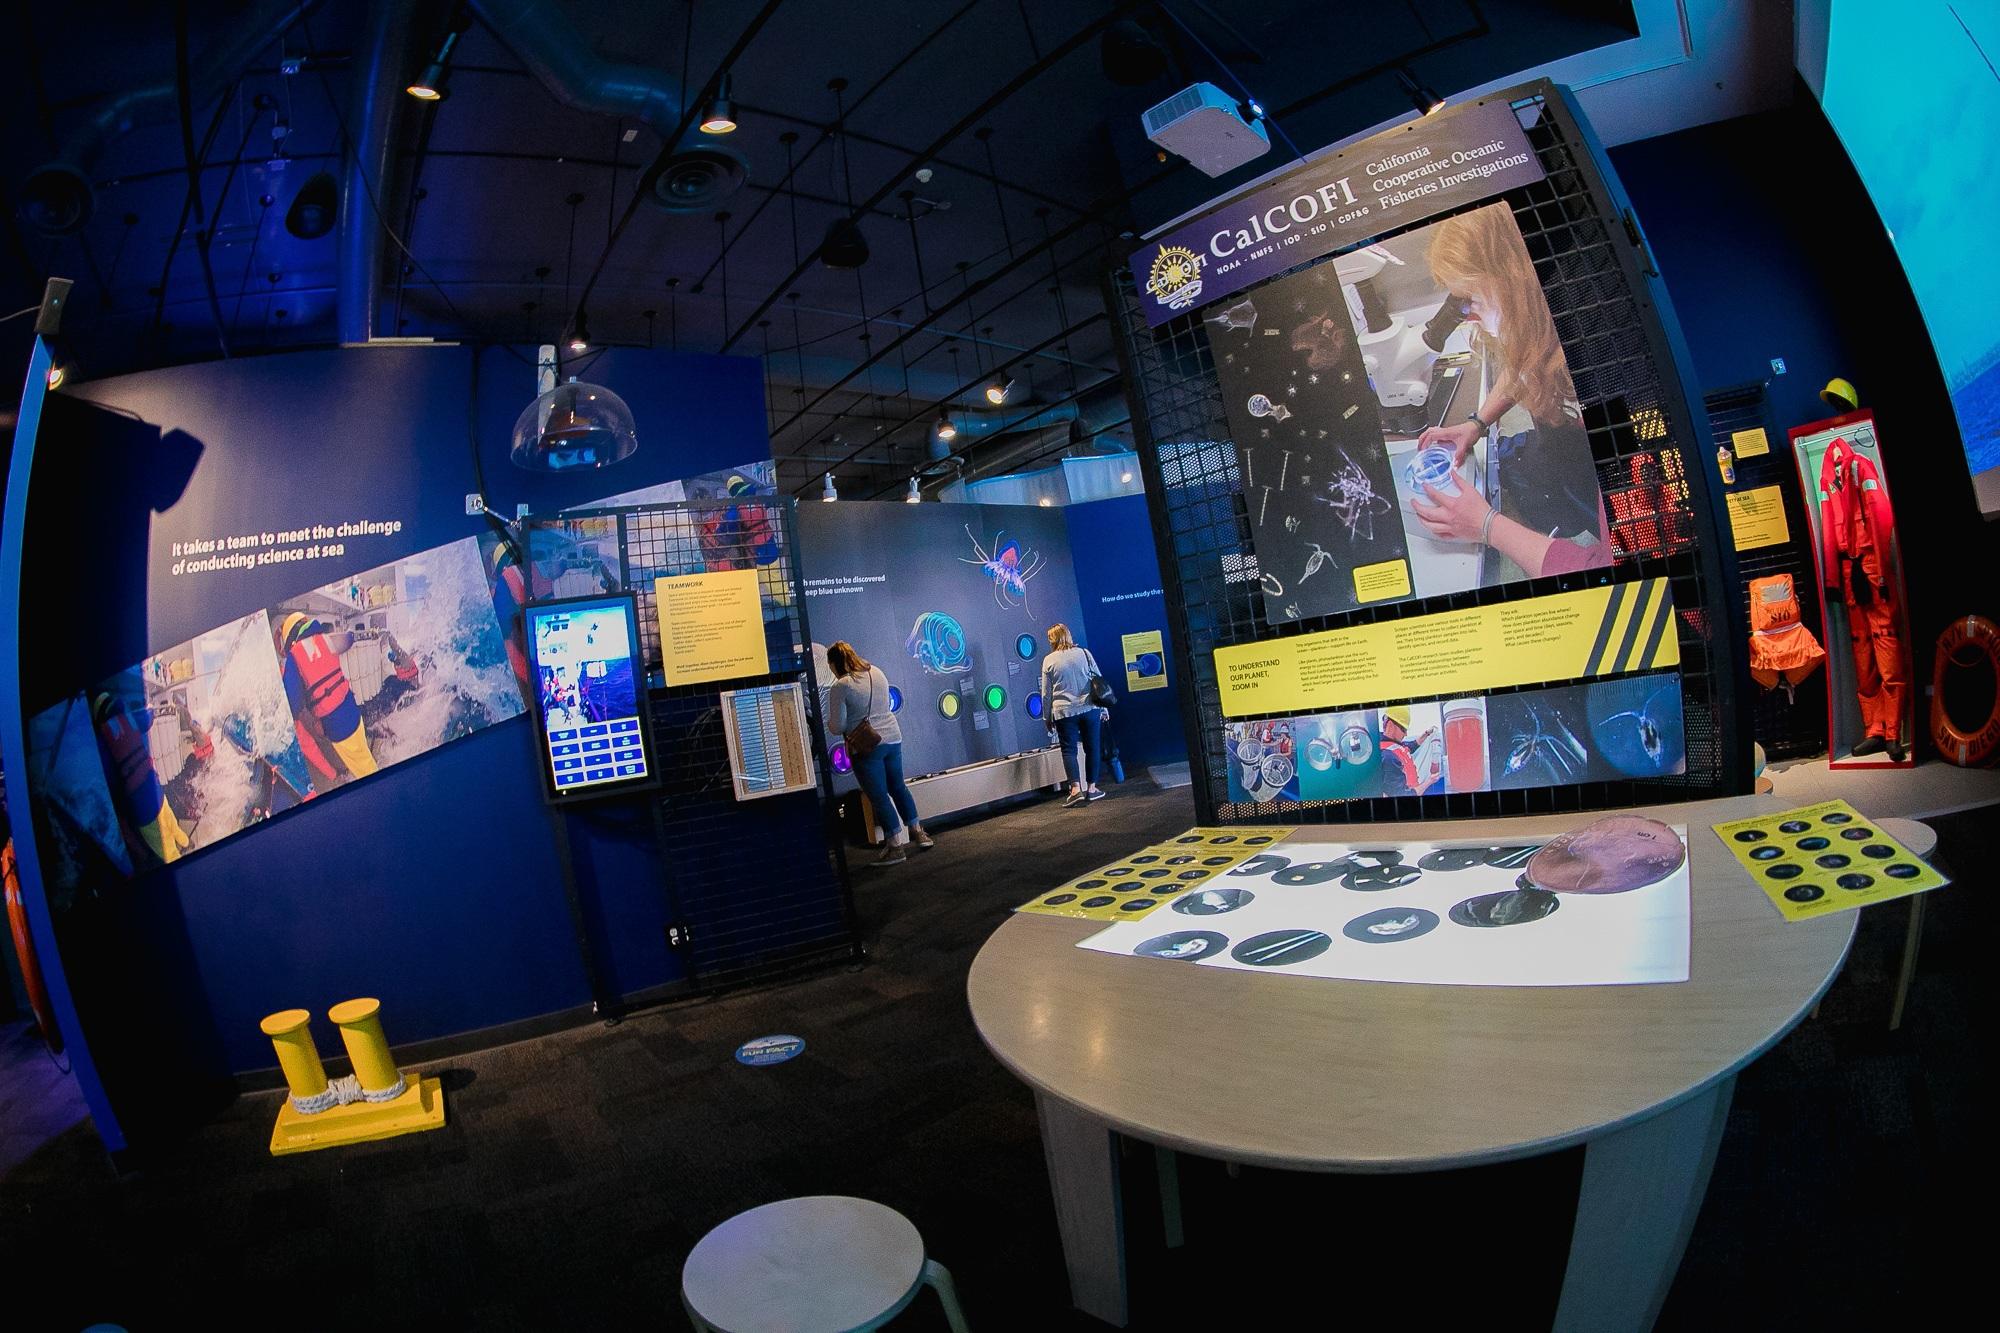 Educational exhibit at Birch Aquarium